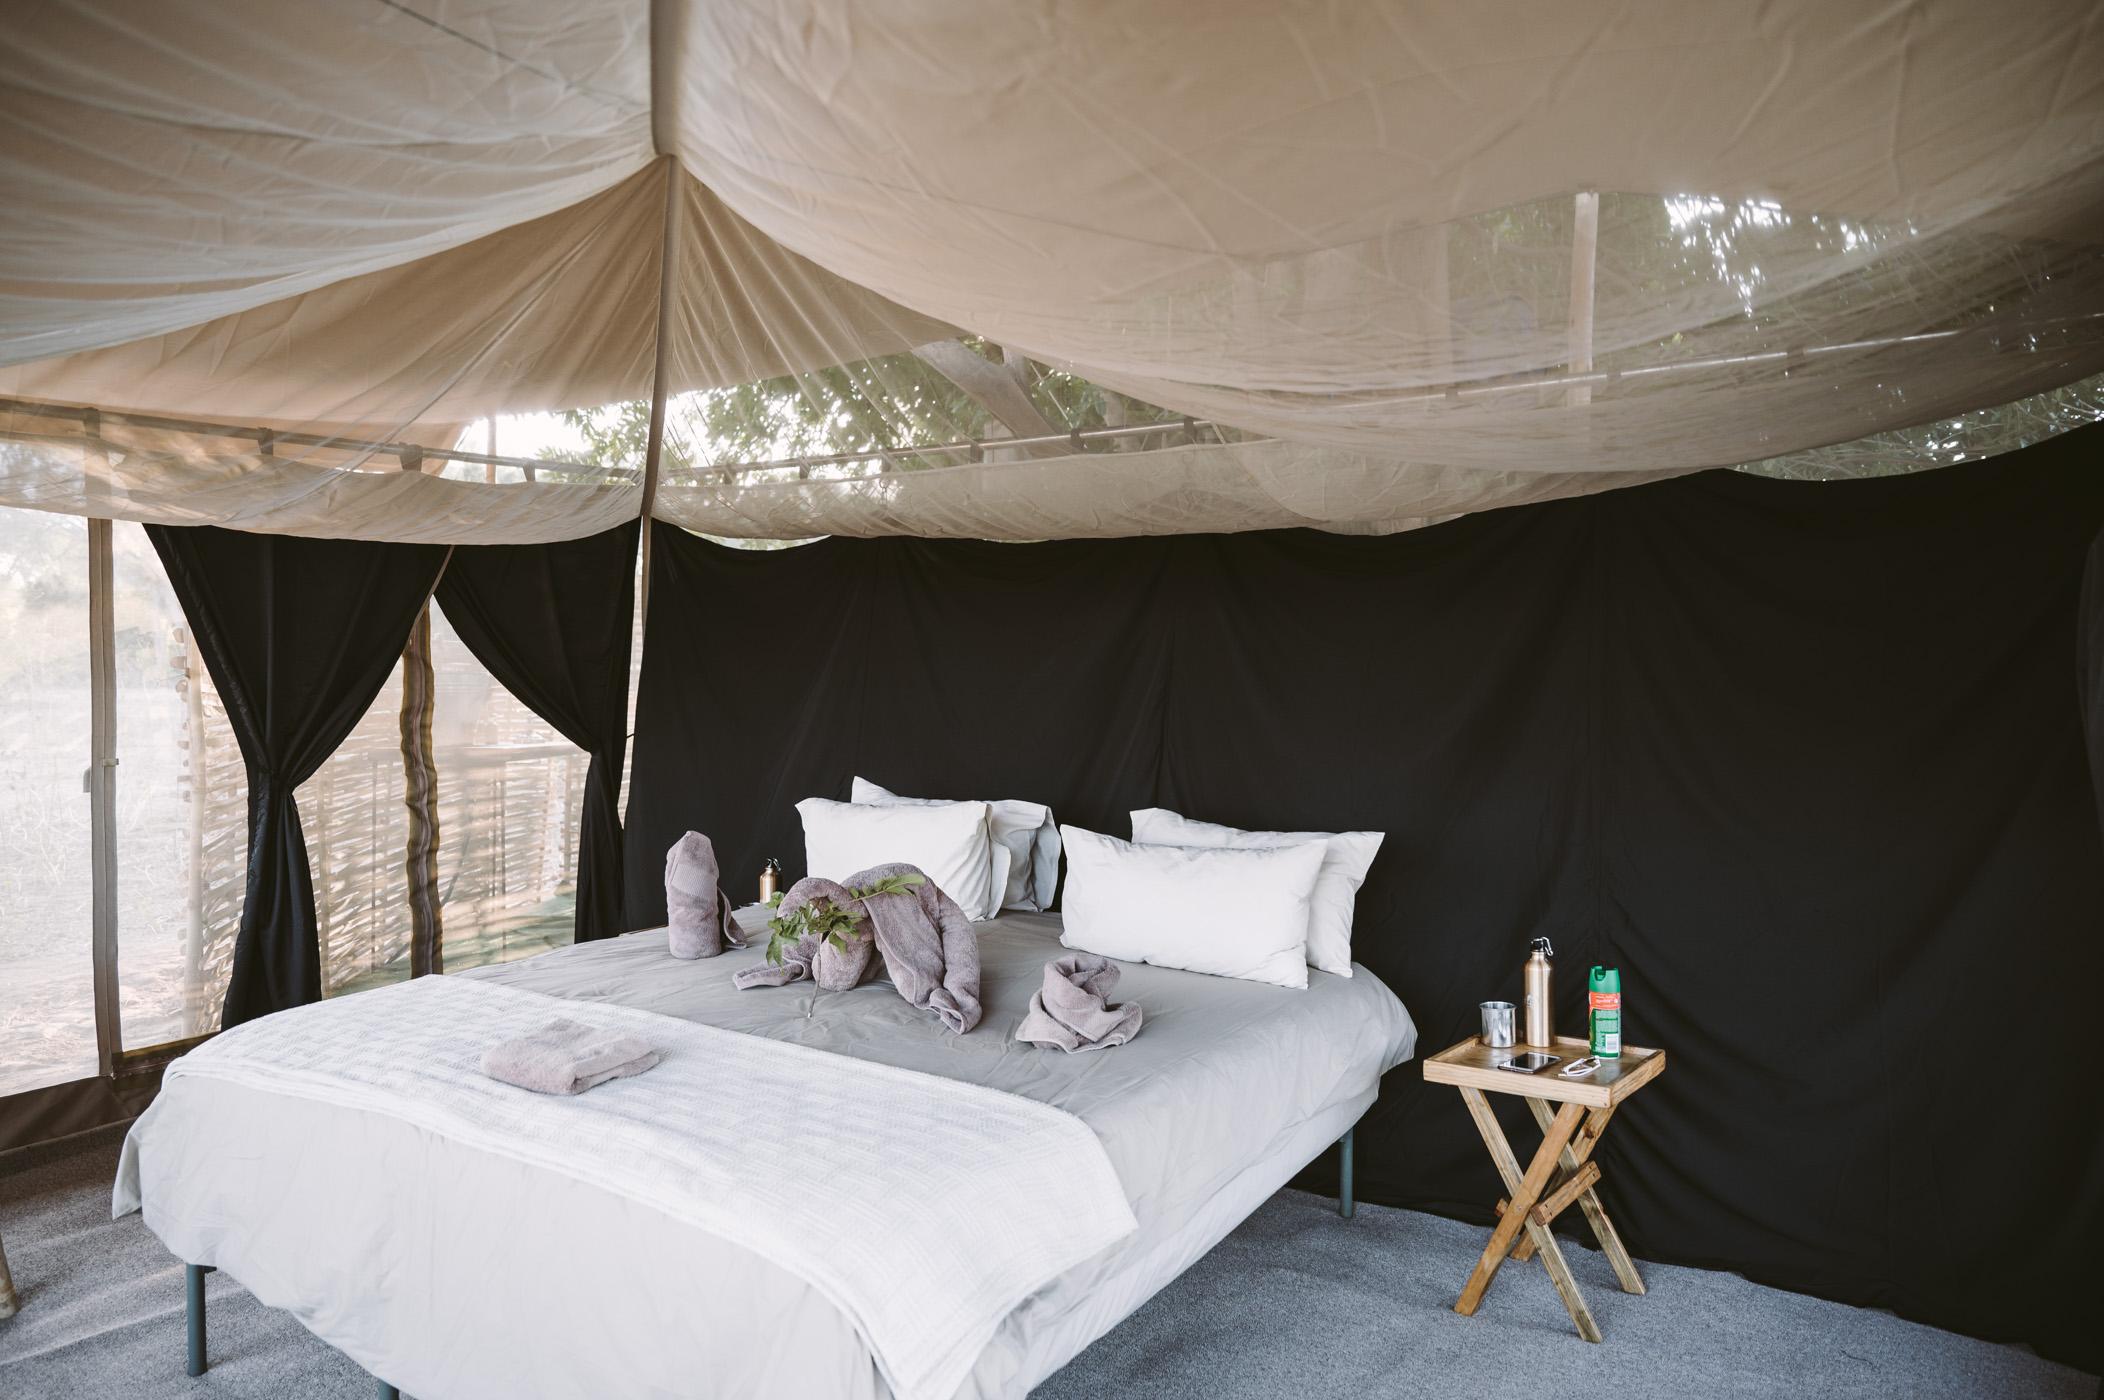 Tusk & Mane Fly Camp Lower Zambezi National Park Zambia